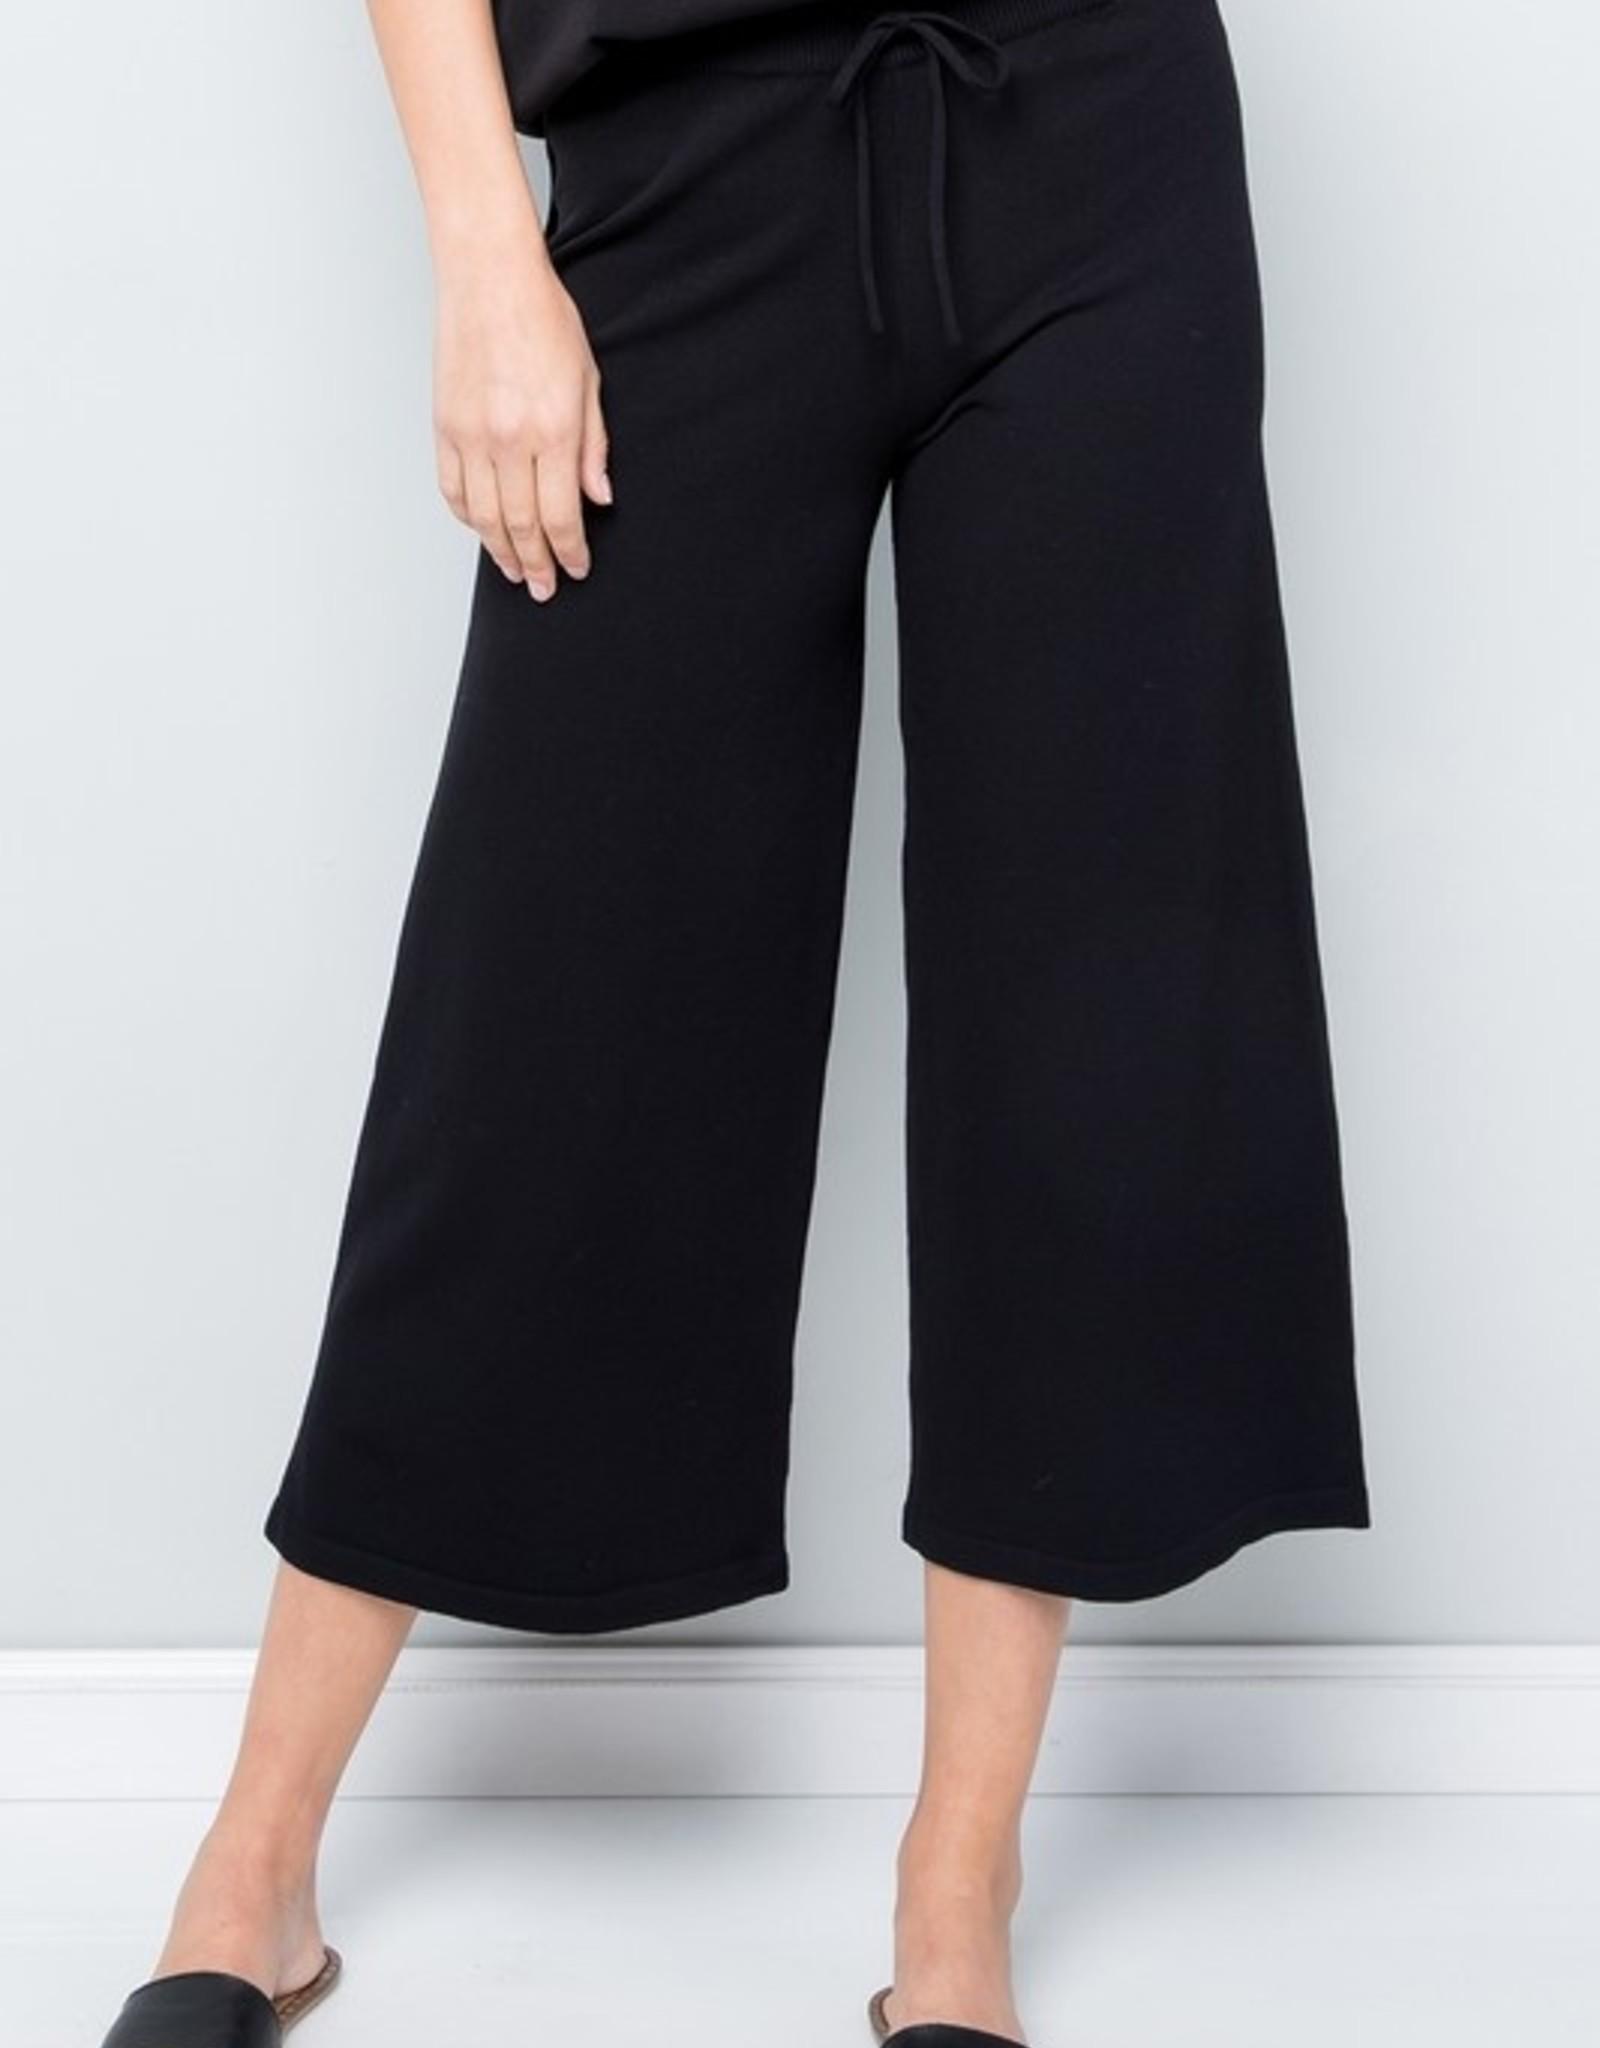 LOSA Knit Pants